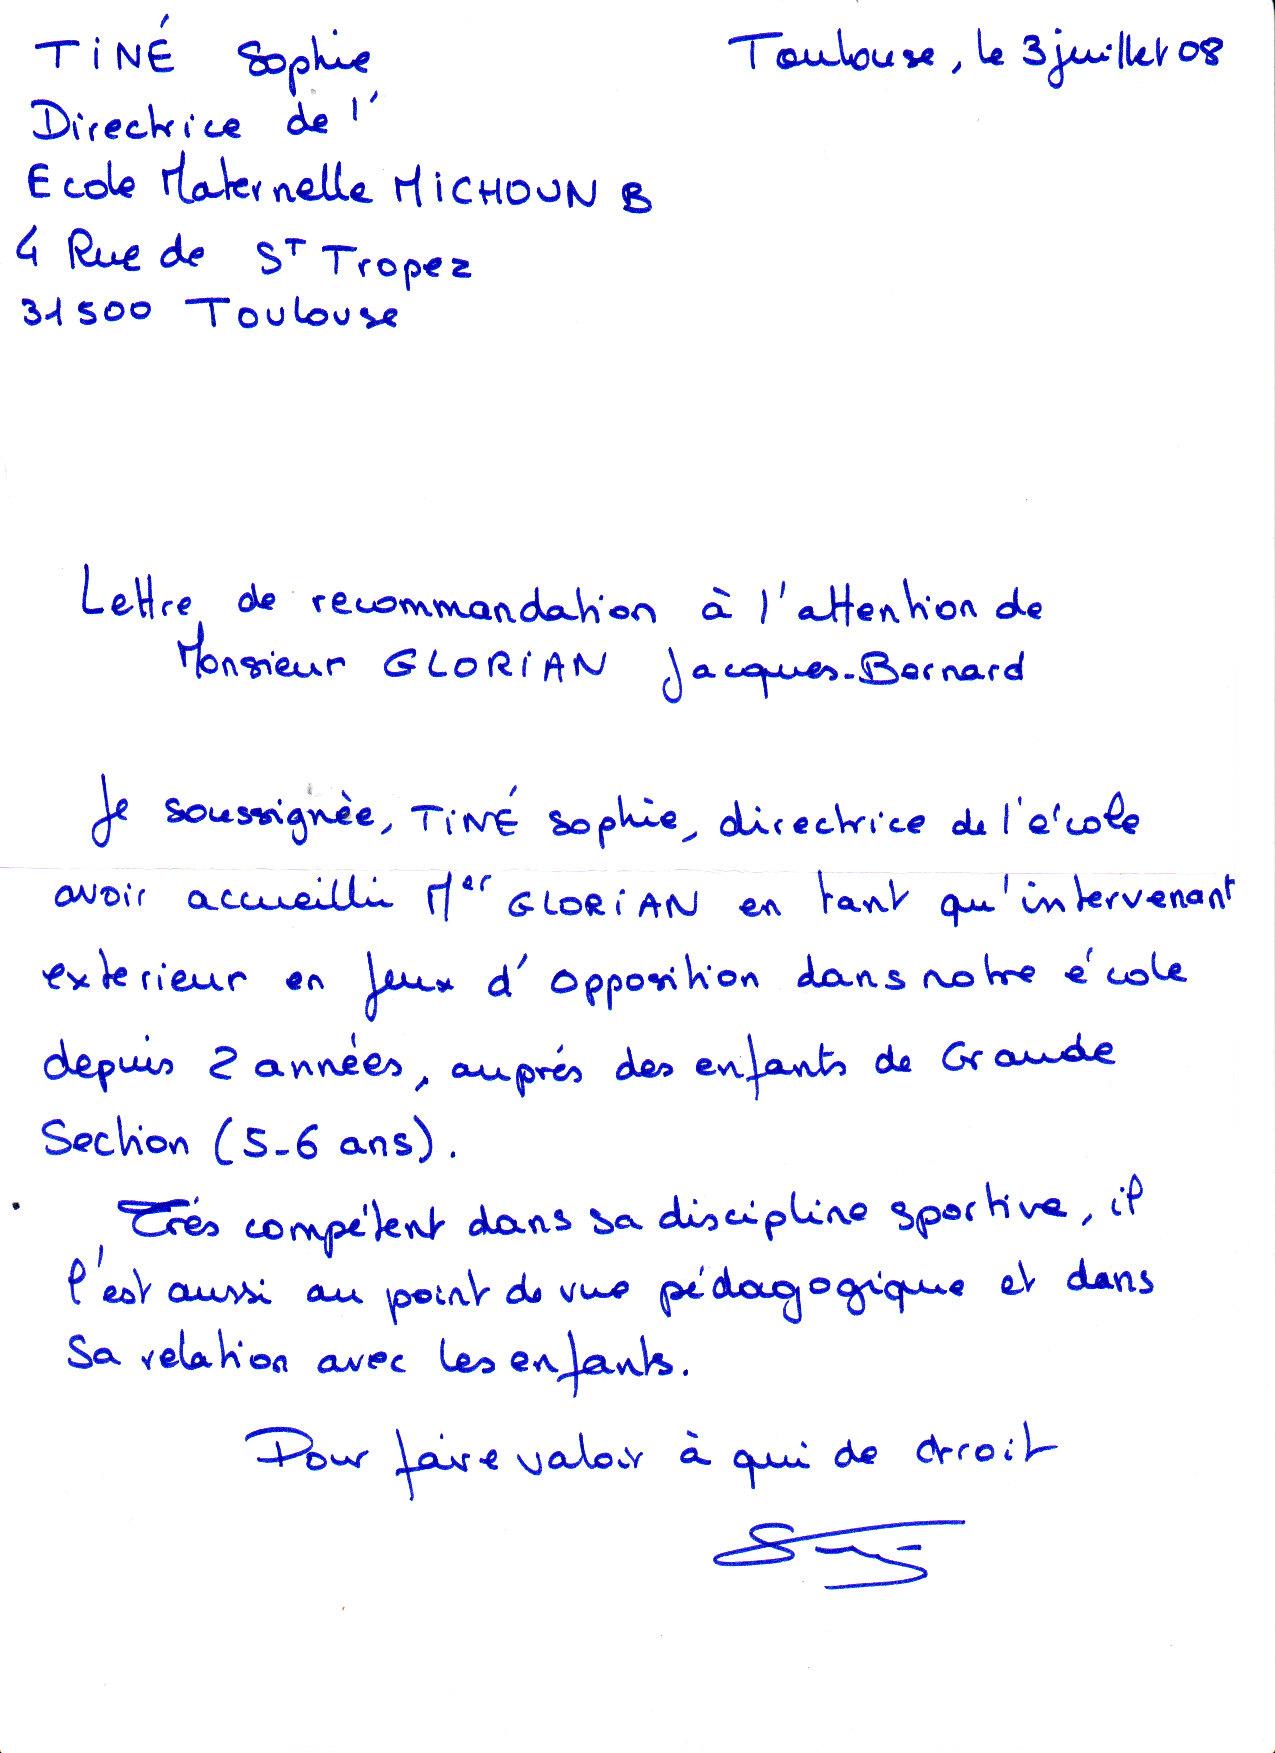 modele lettre de recommandation personnelle La lettre de recommandation modele lettre de recommandation personnelle